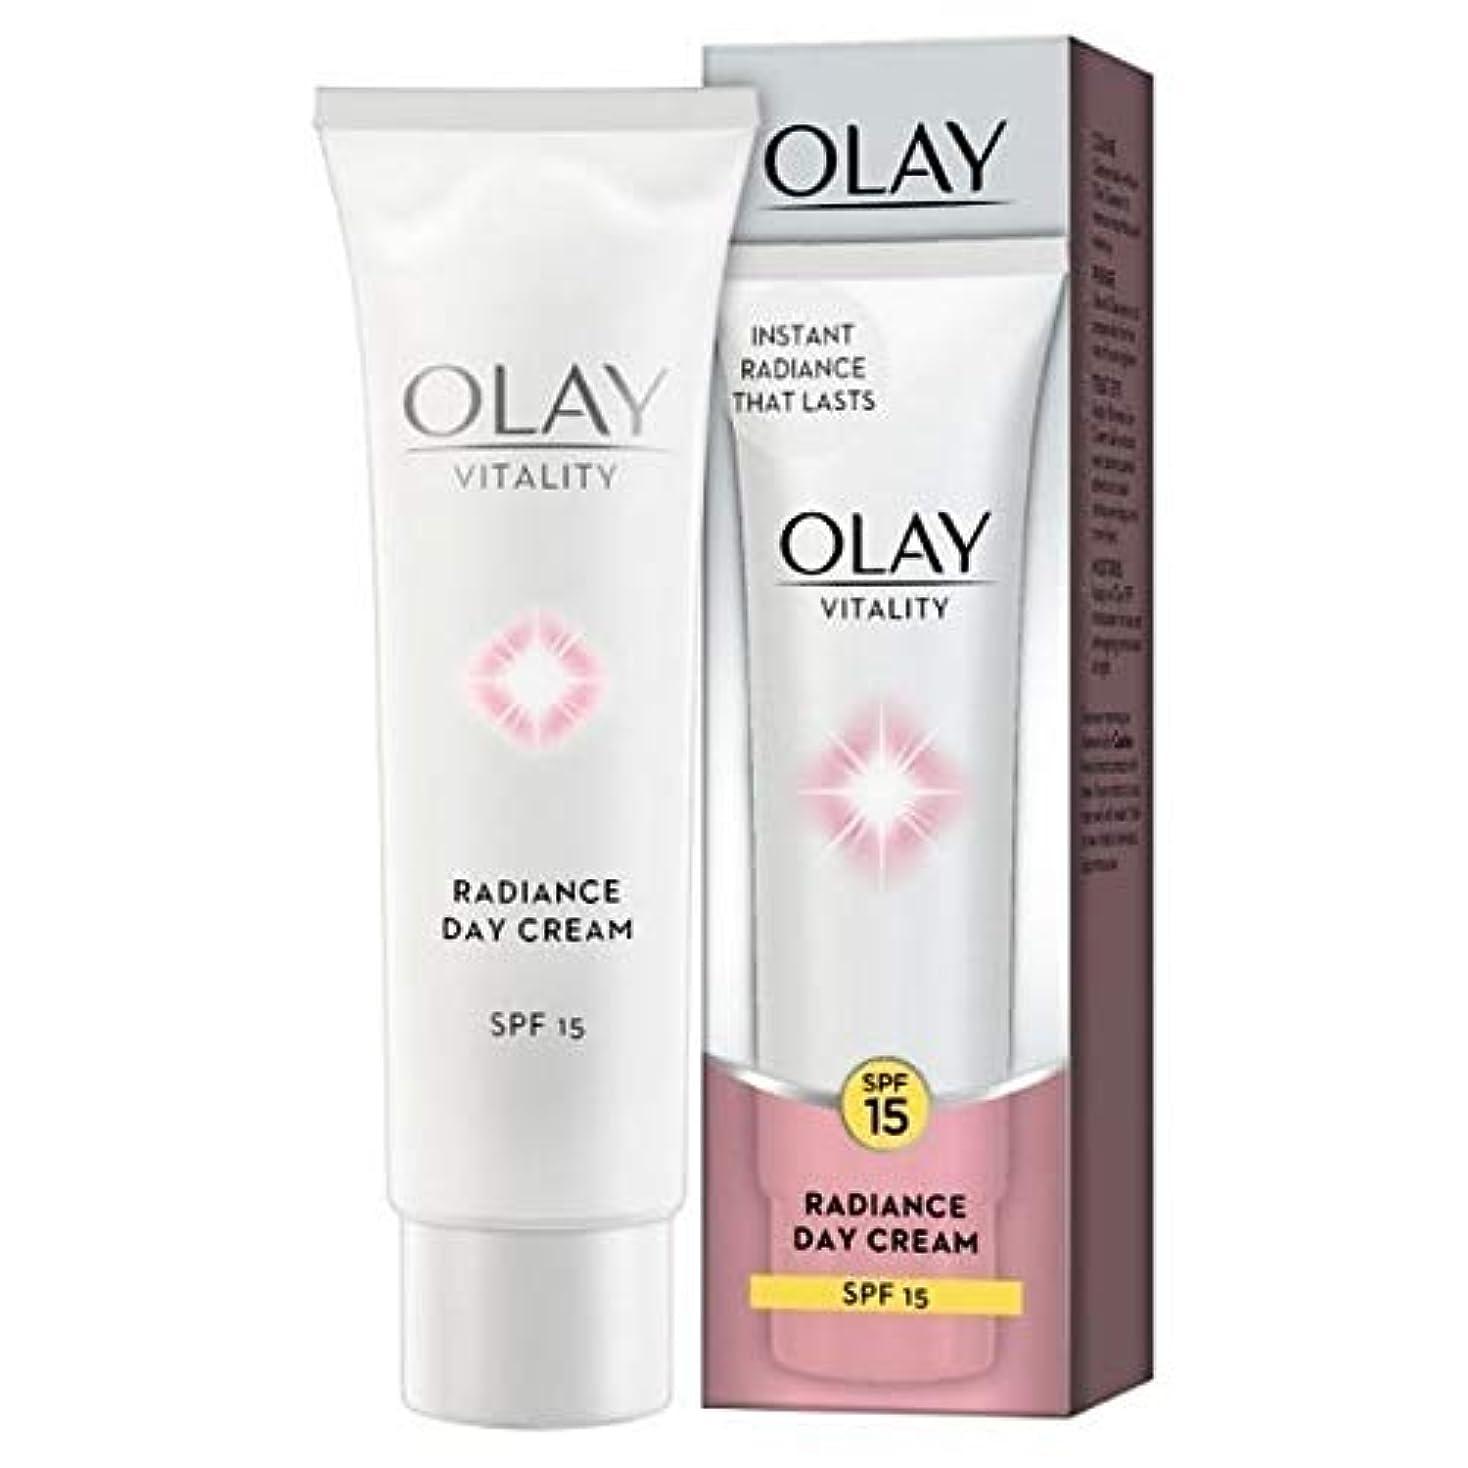 発動機グロー理容師[Olay ] オーレイ活力放射輝度デイクリームSpf15の50ミリリットル - Olay Vitality Radiance Day Cream SPF15 50ml [並行輸入品]